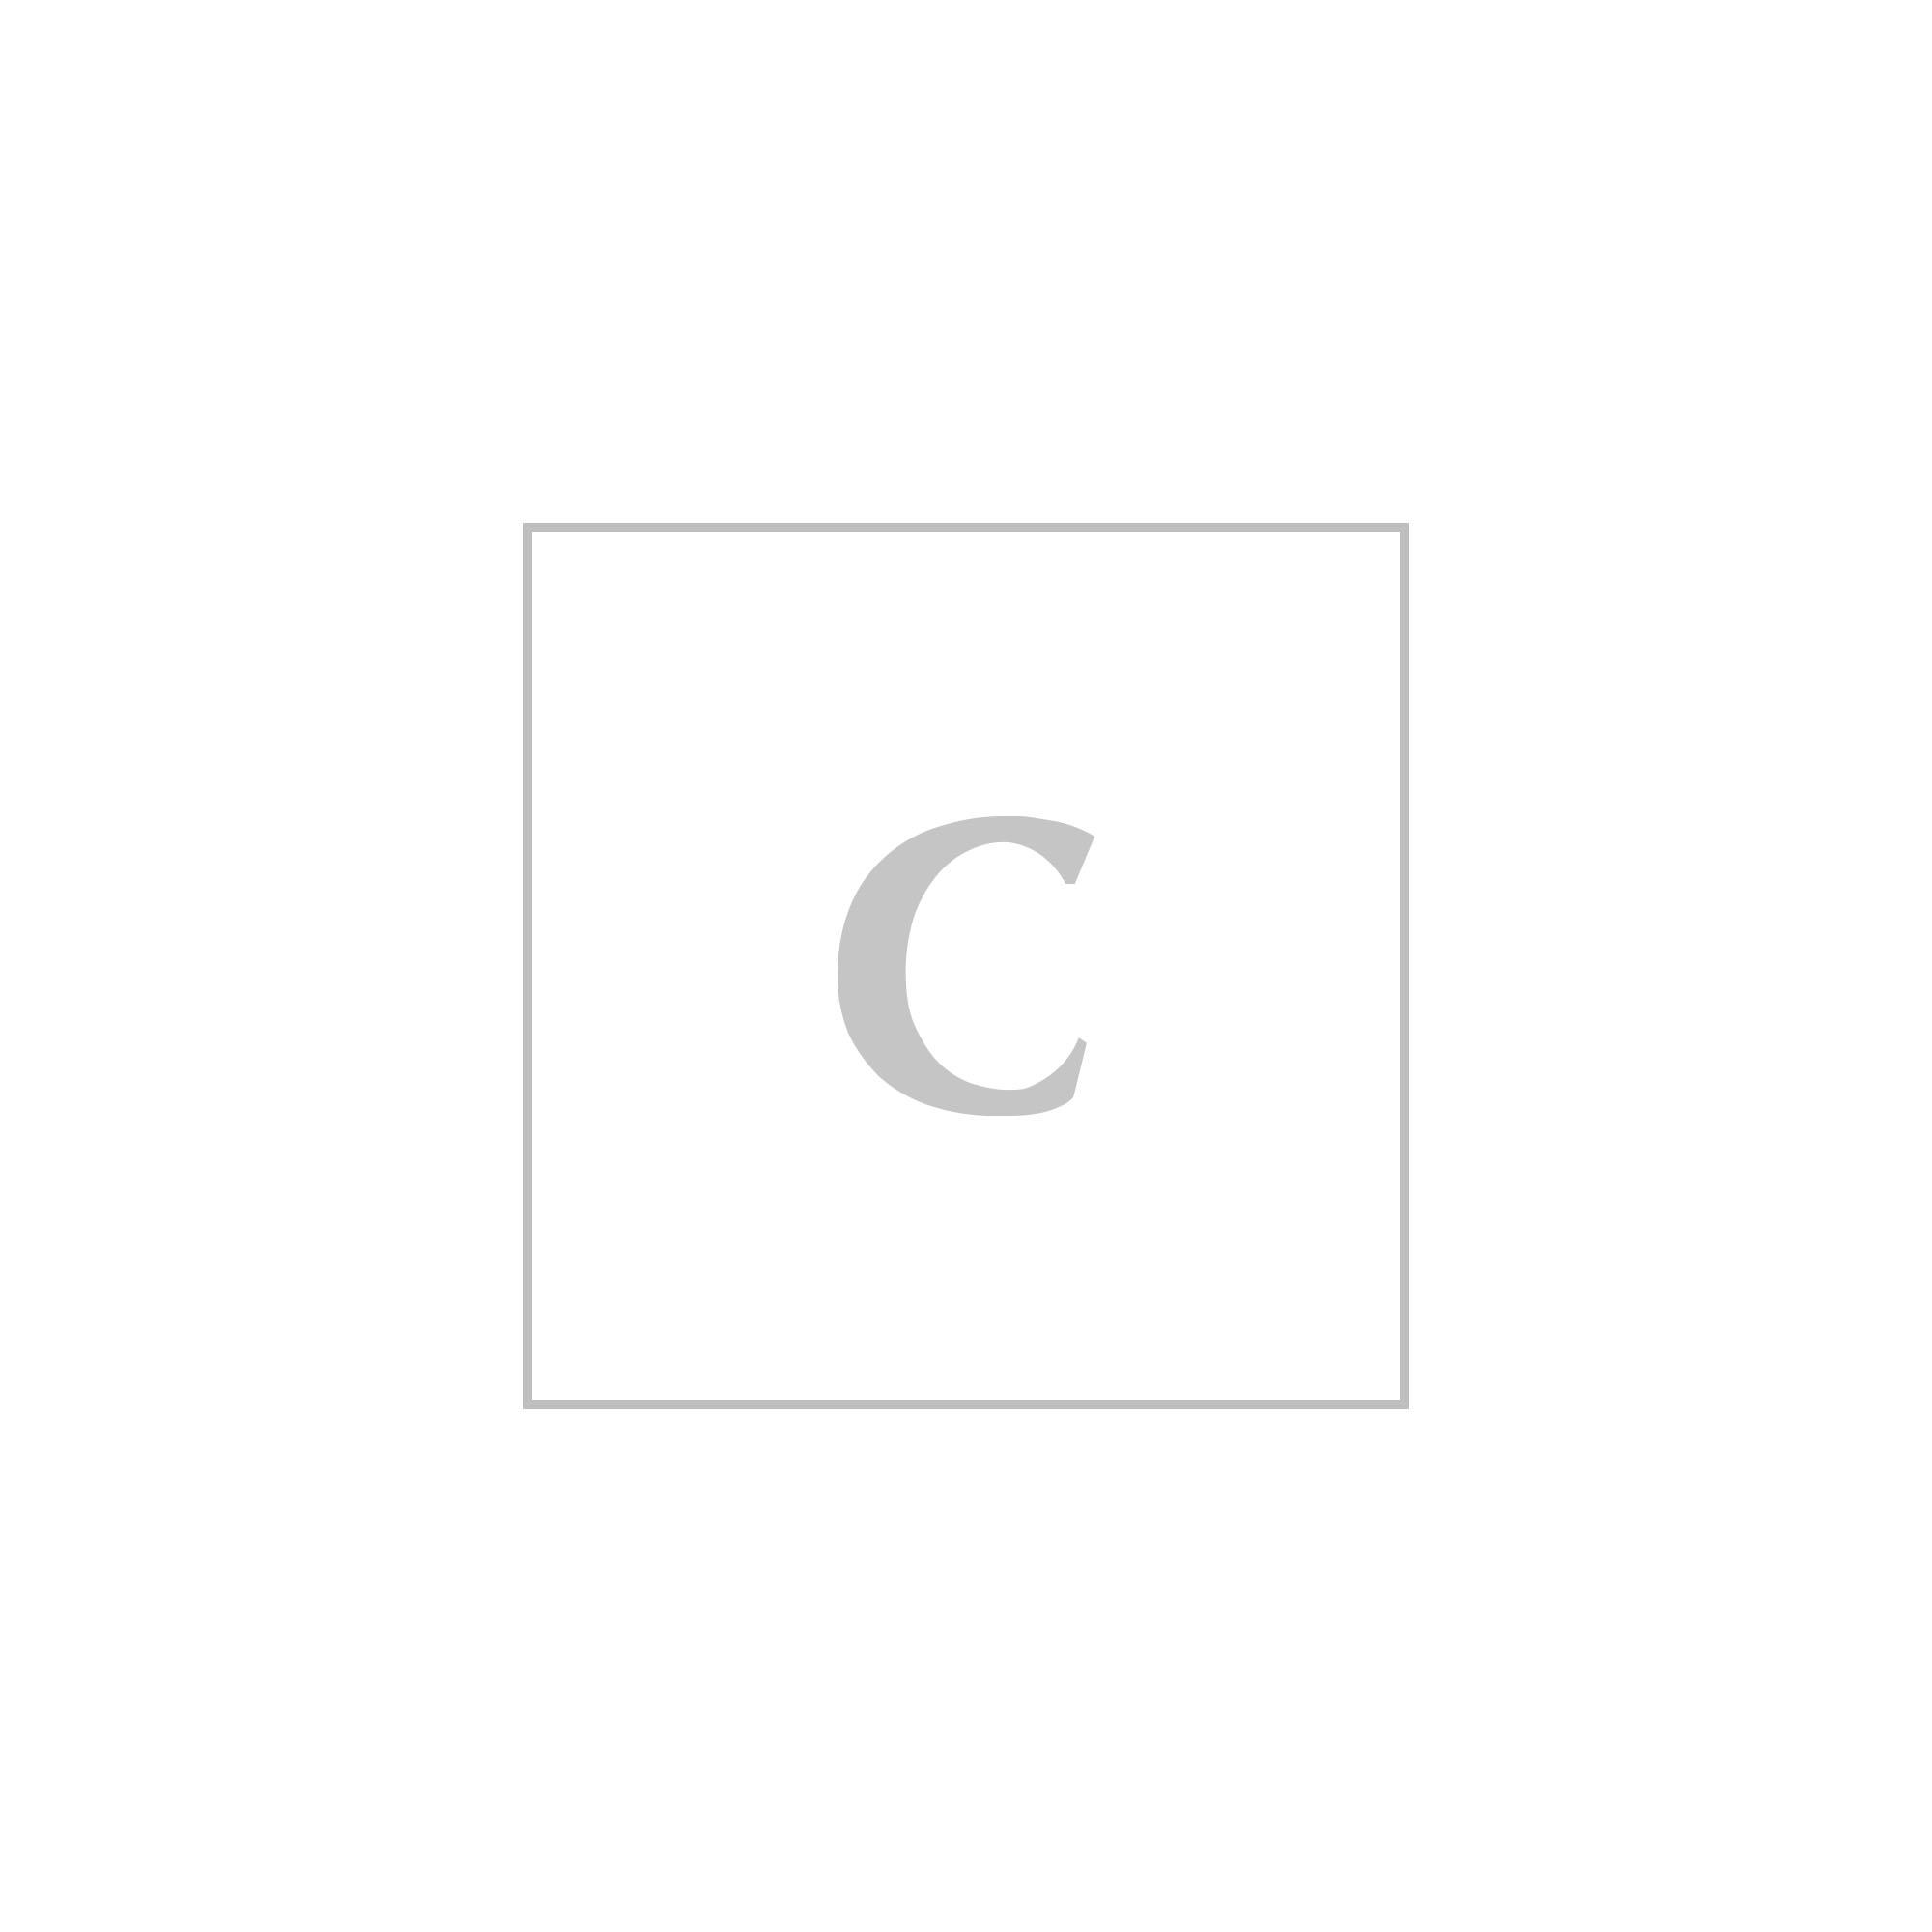 Dolce & gabbana embossed calfskin cardholder